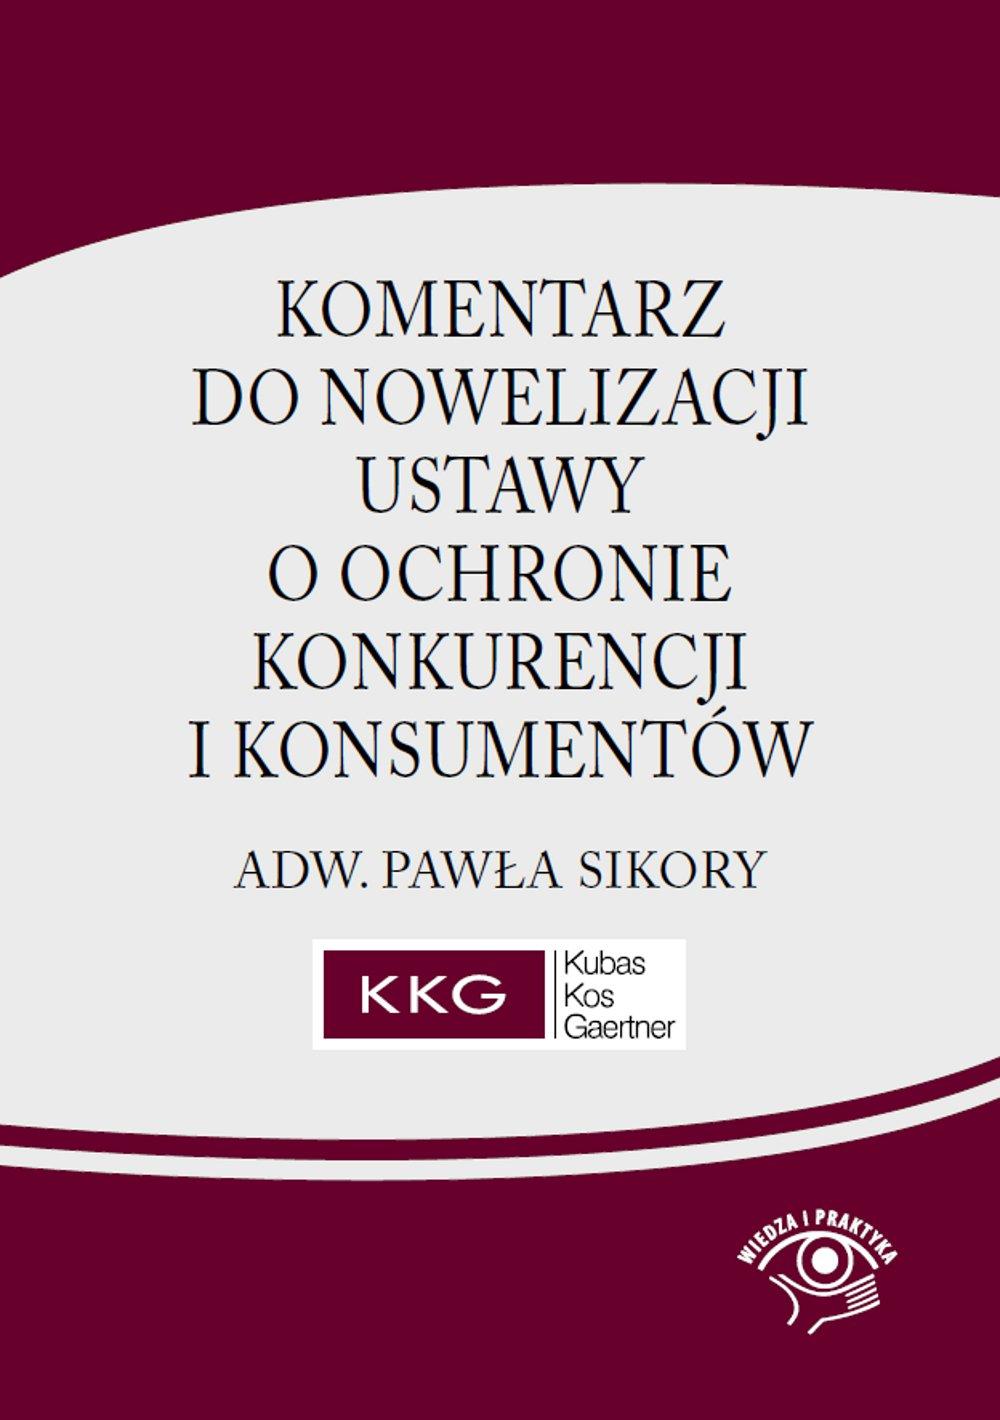 Komentarz do nowelizacji ustawy o ochronie konkurencji i konsumentów adw. Pawła Sikory - Ebook (Książka PDF) do pobrania w formacie PDF